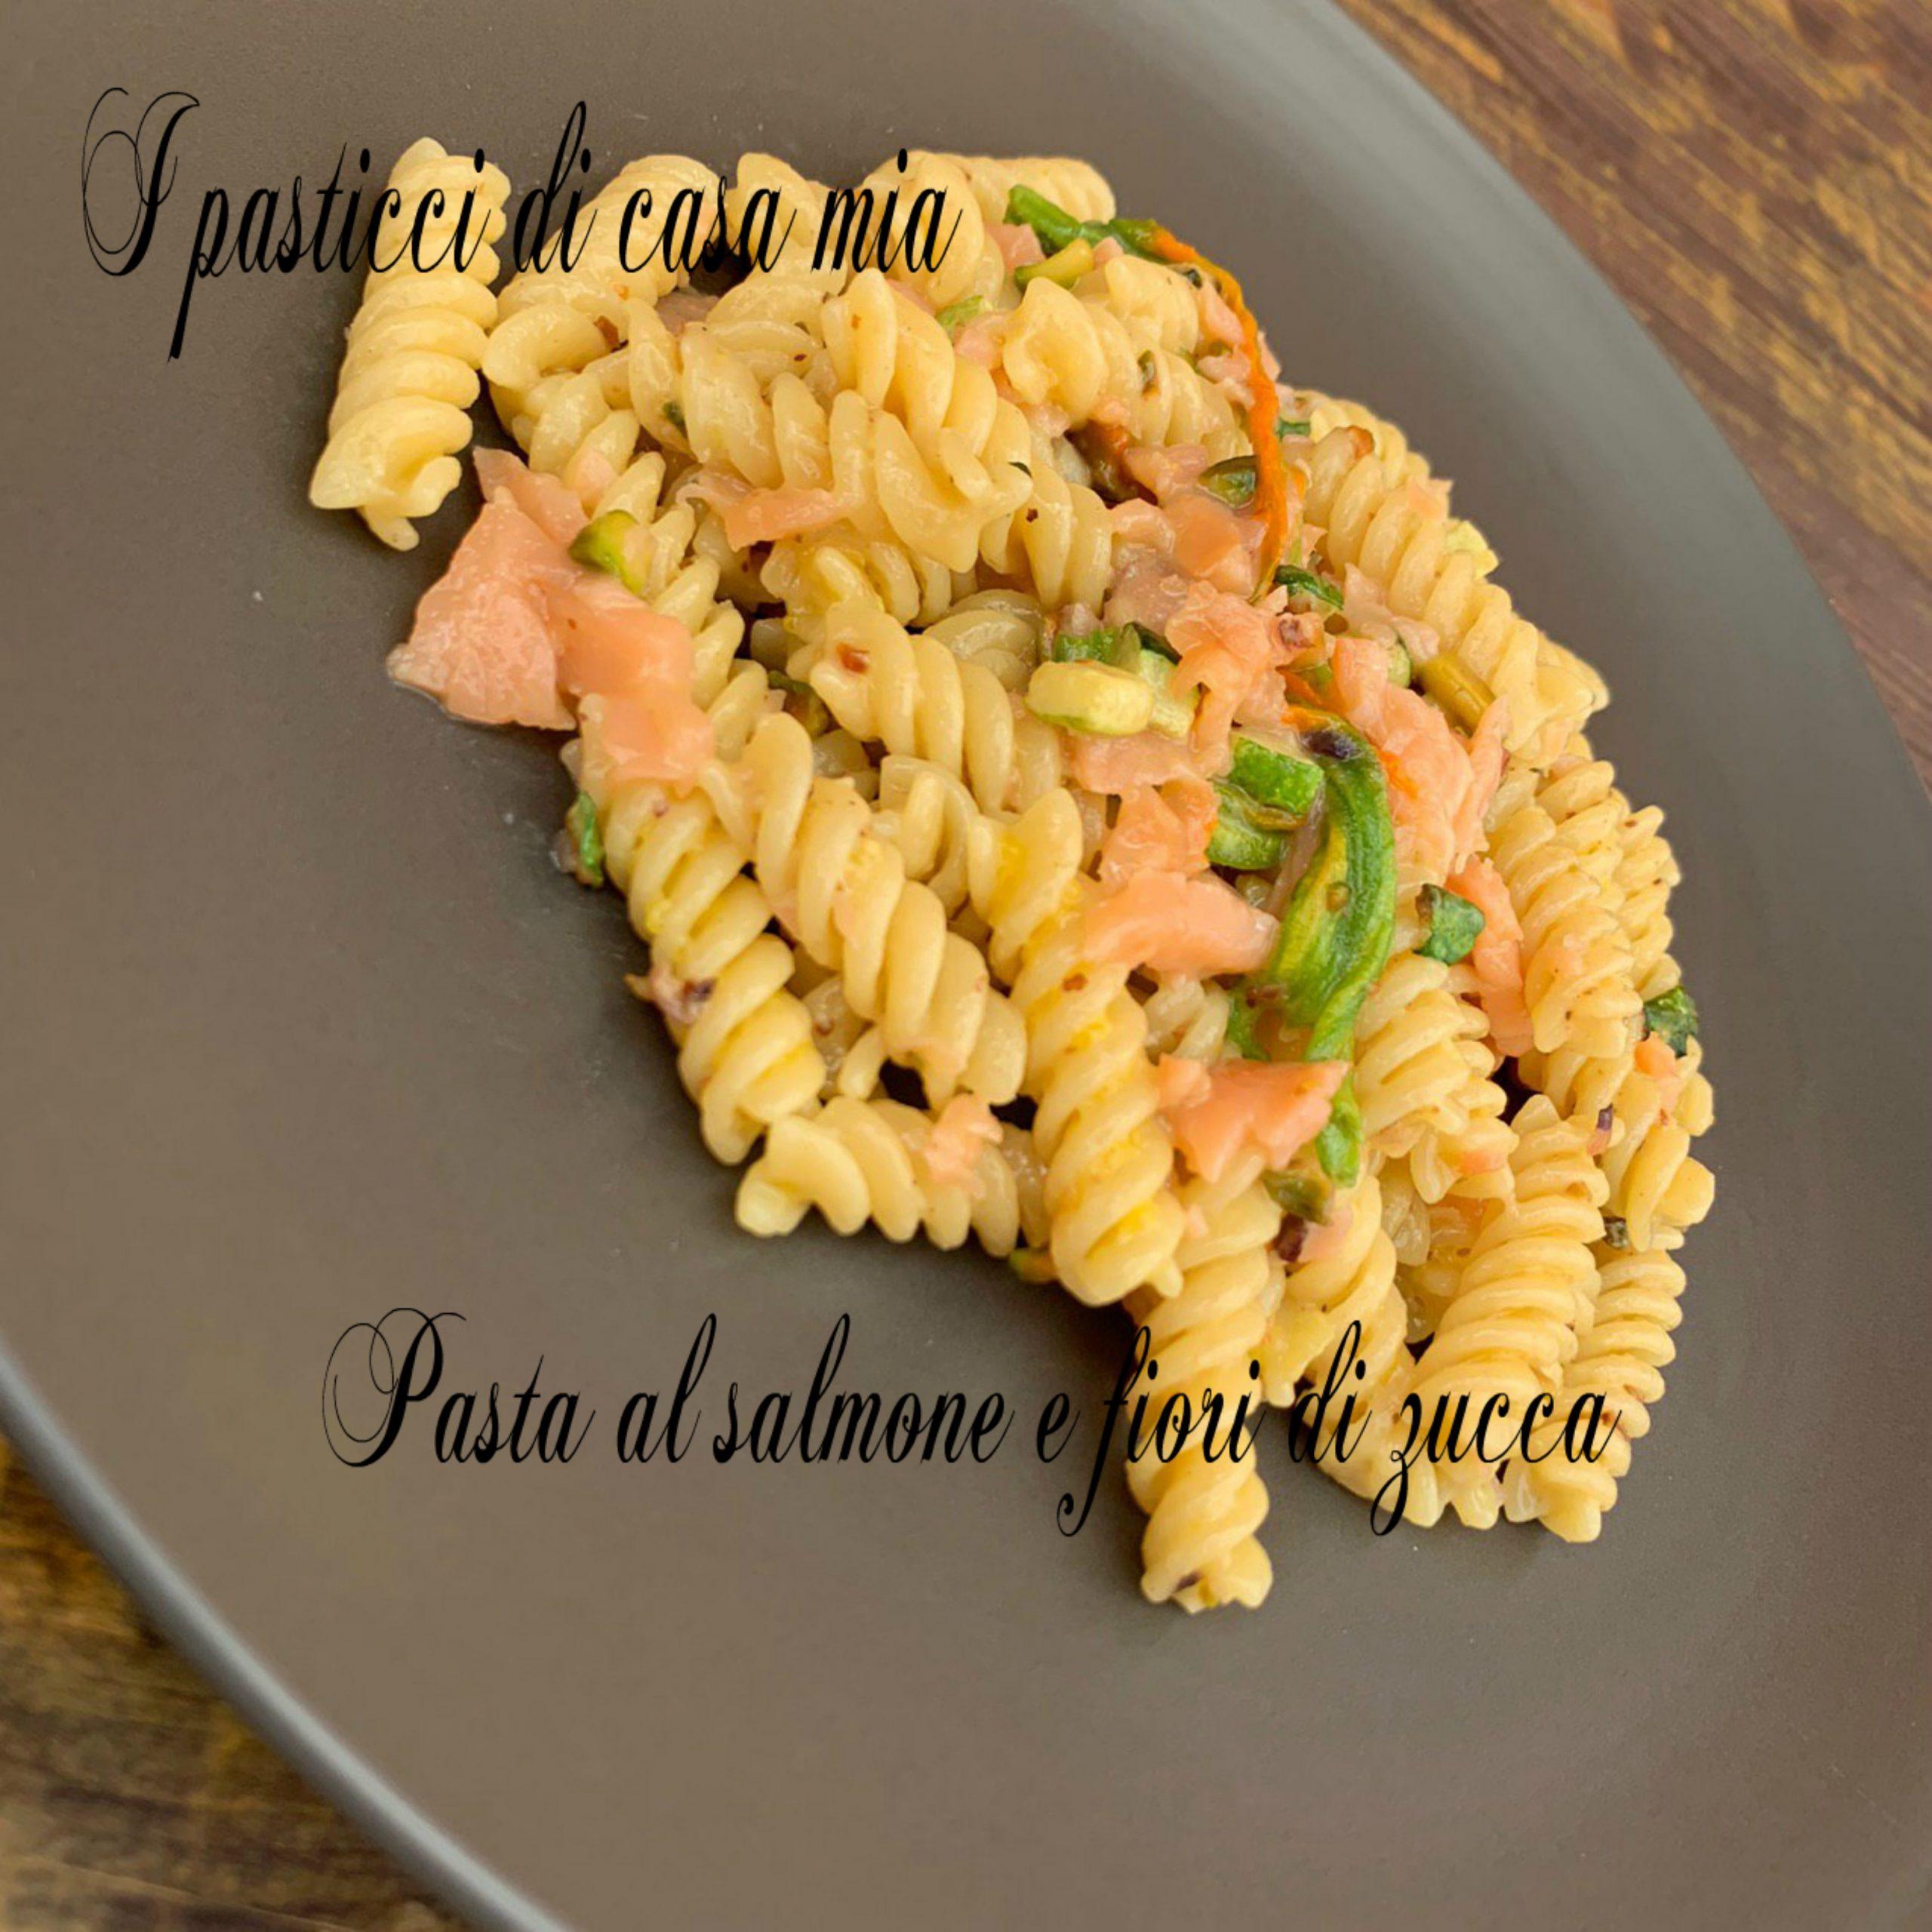 Pasta al salmone e fiori di zucca